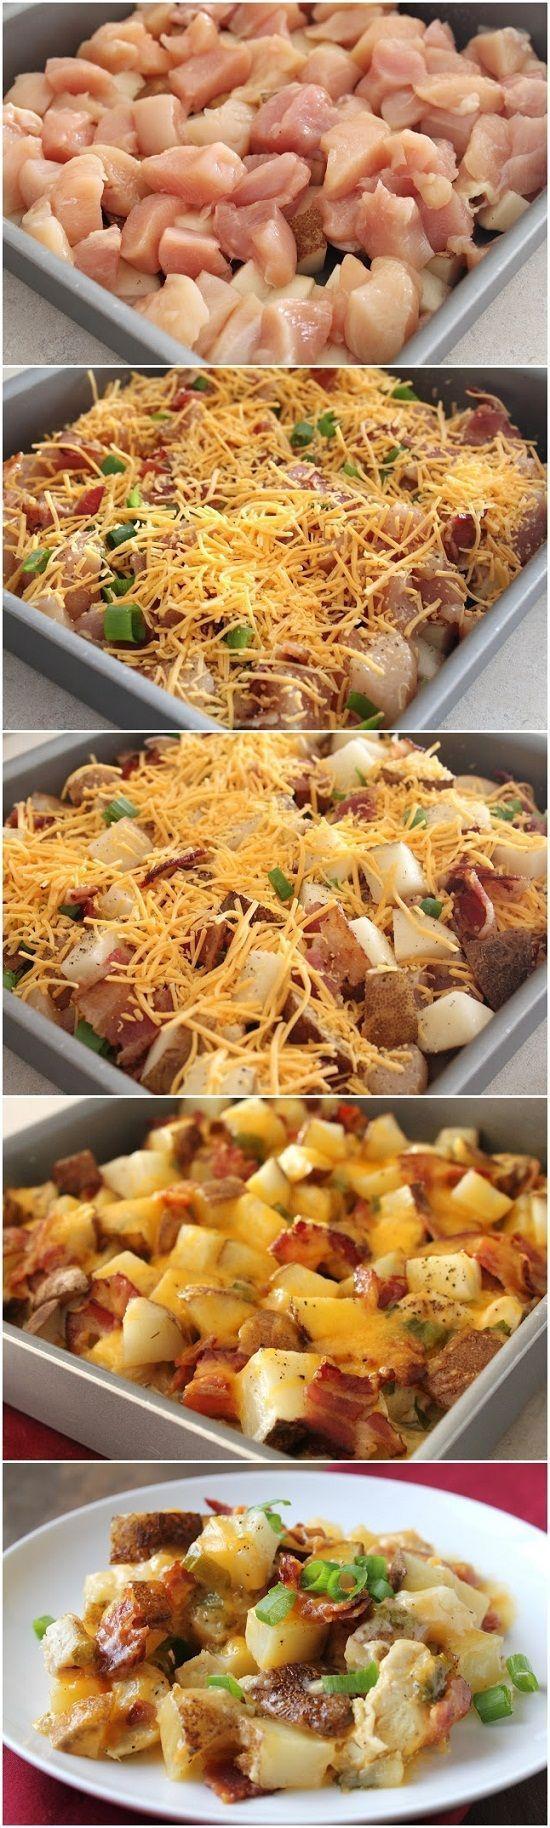 Loaded Baked Potato Chicken Casserole Loaded Baked Potato & Chicken Casserole